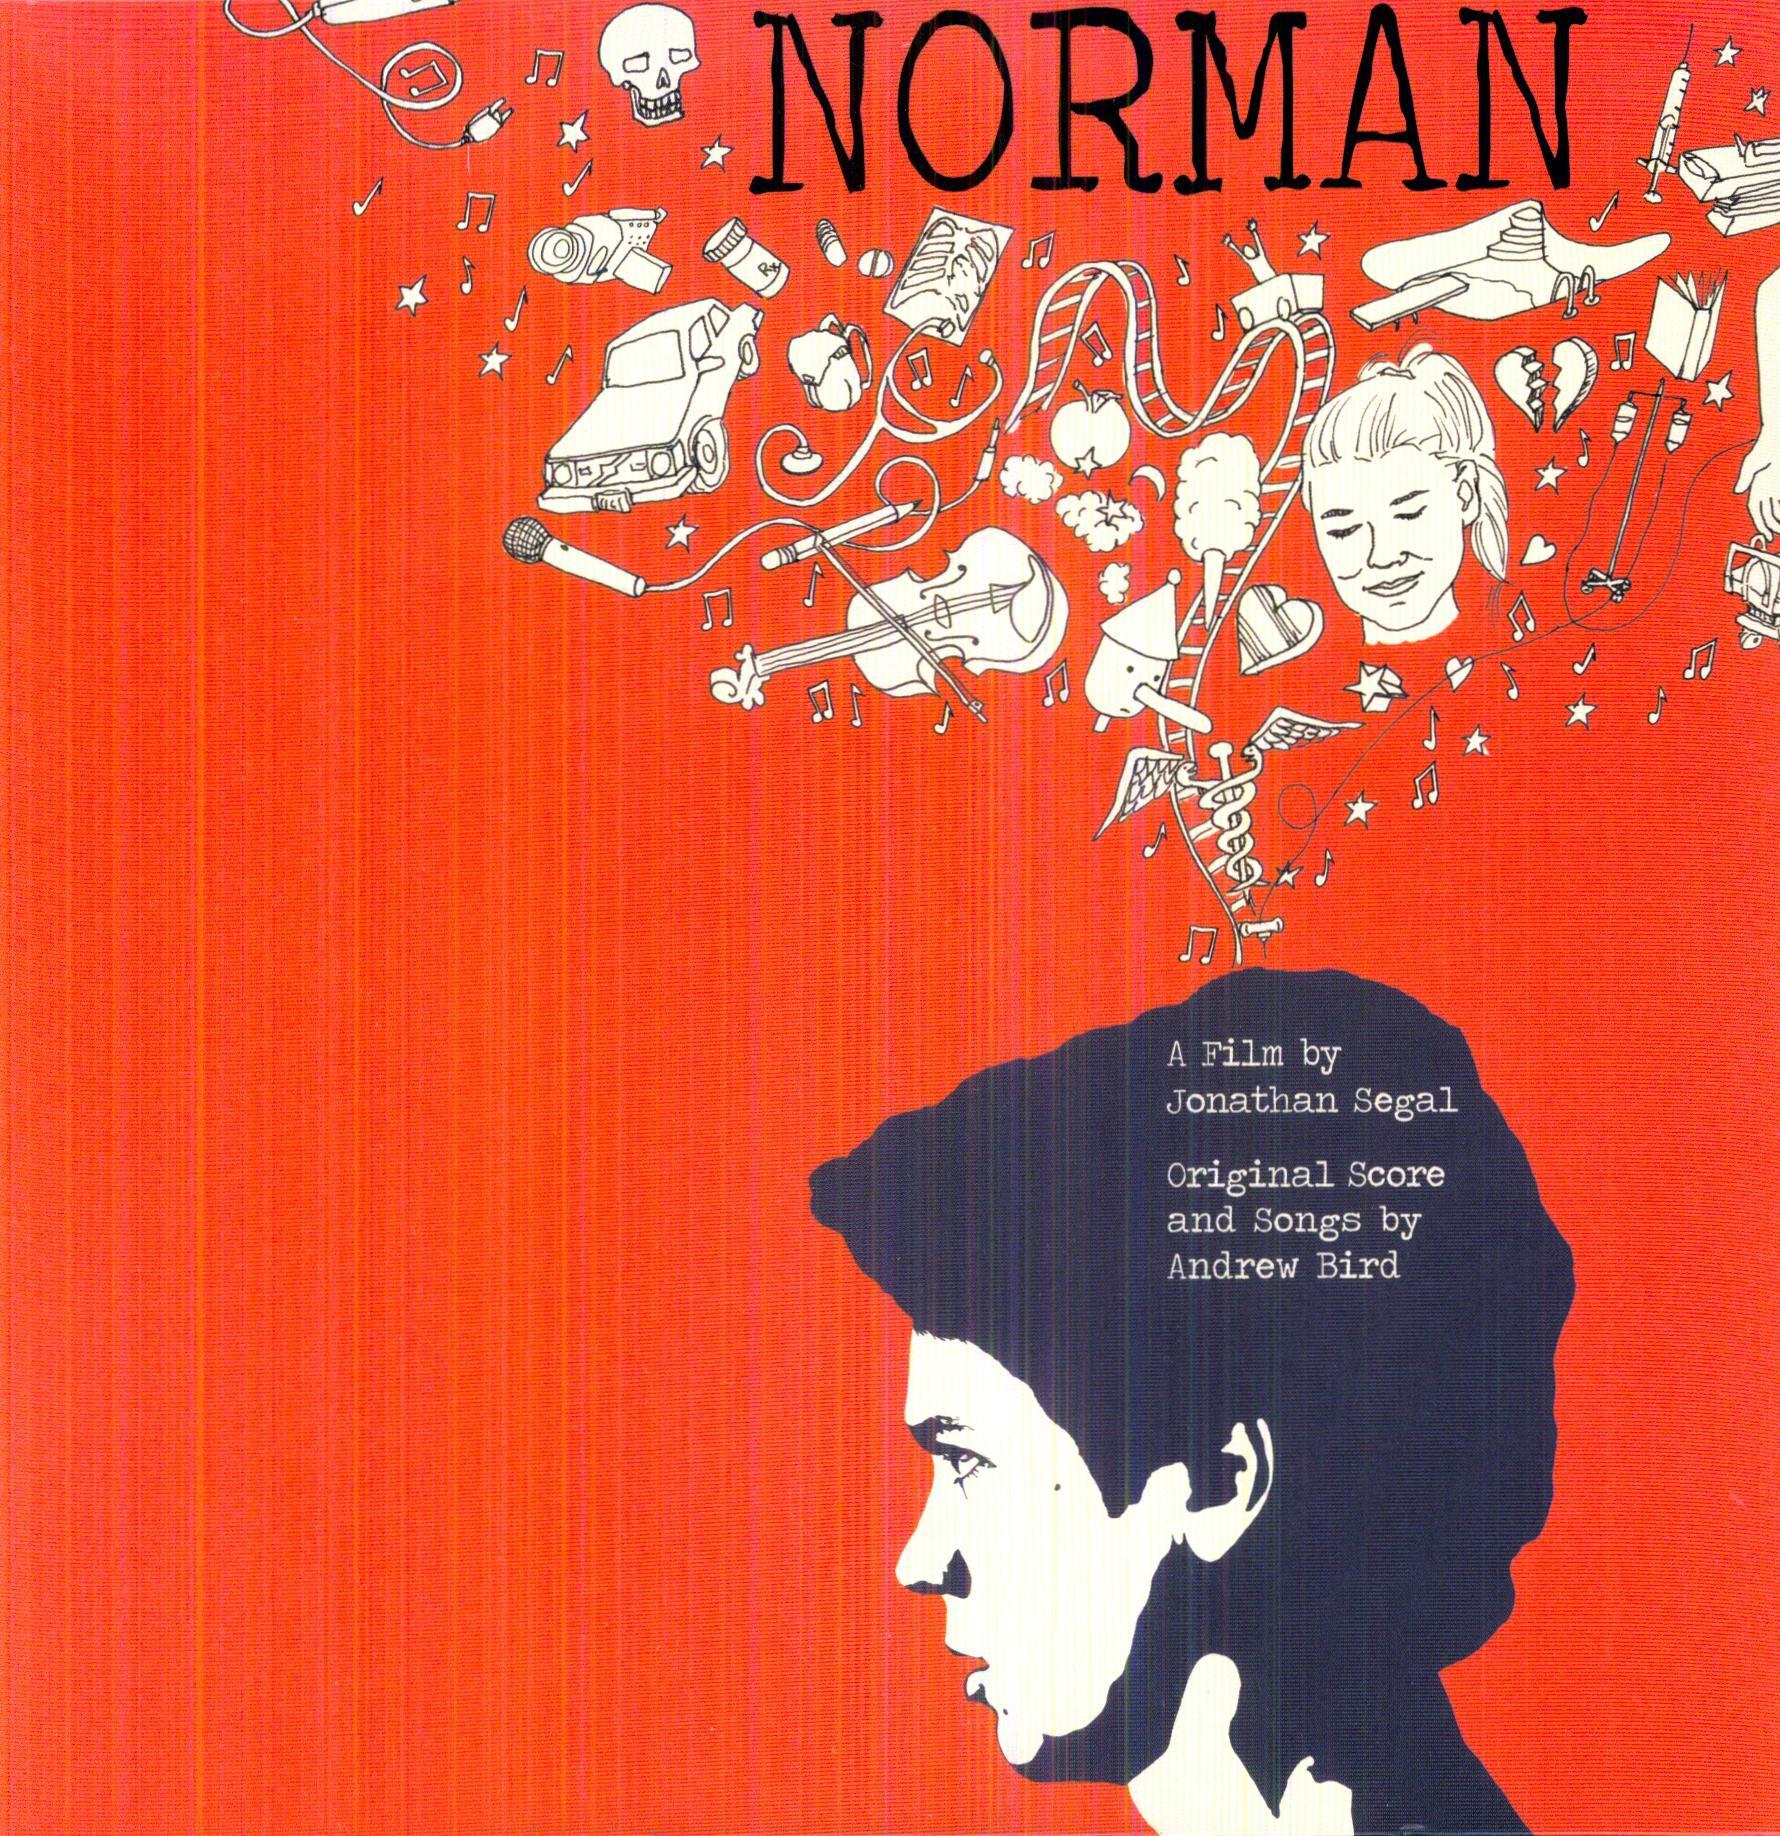 Andrew Bird - Norman